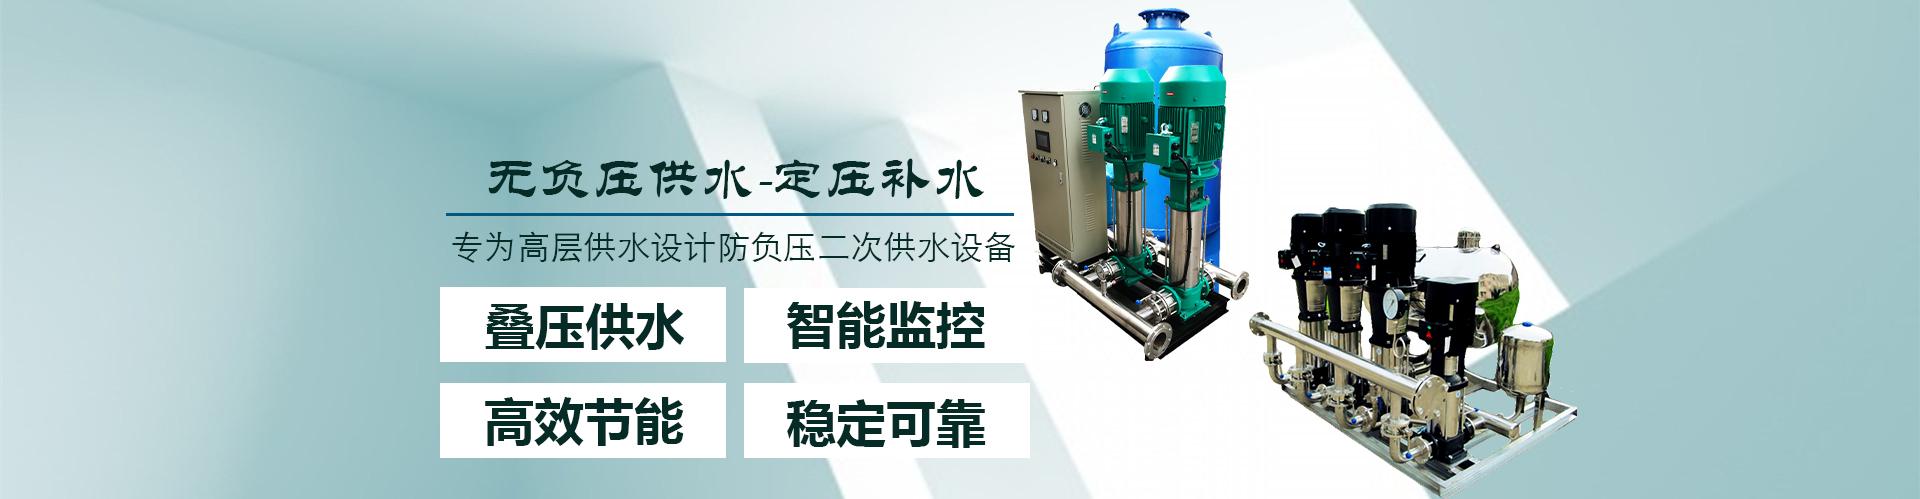 上海承赫流体控制系统有限公司